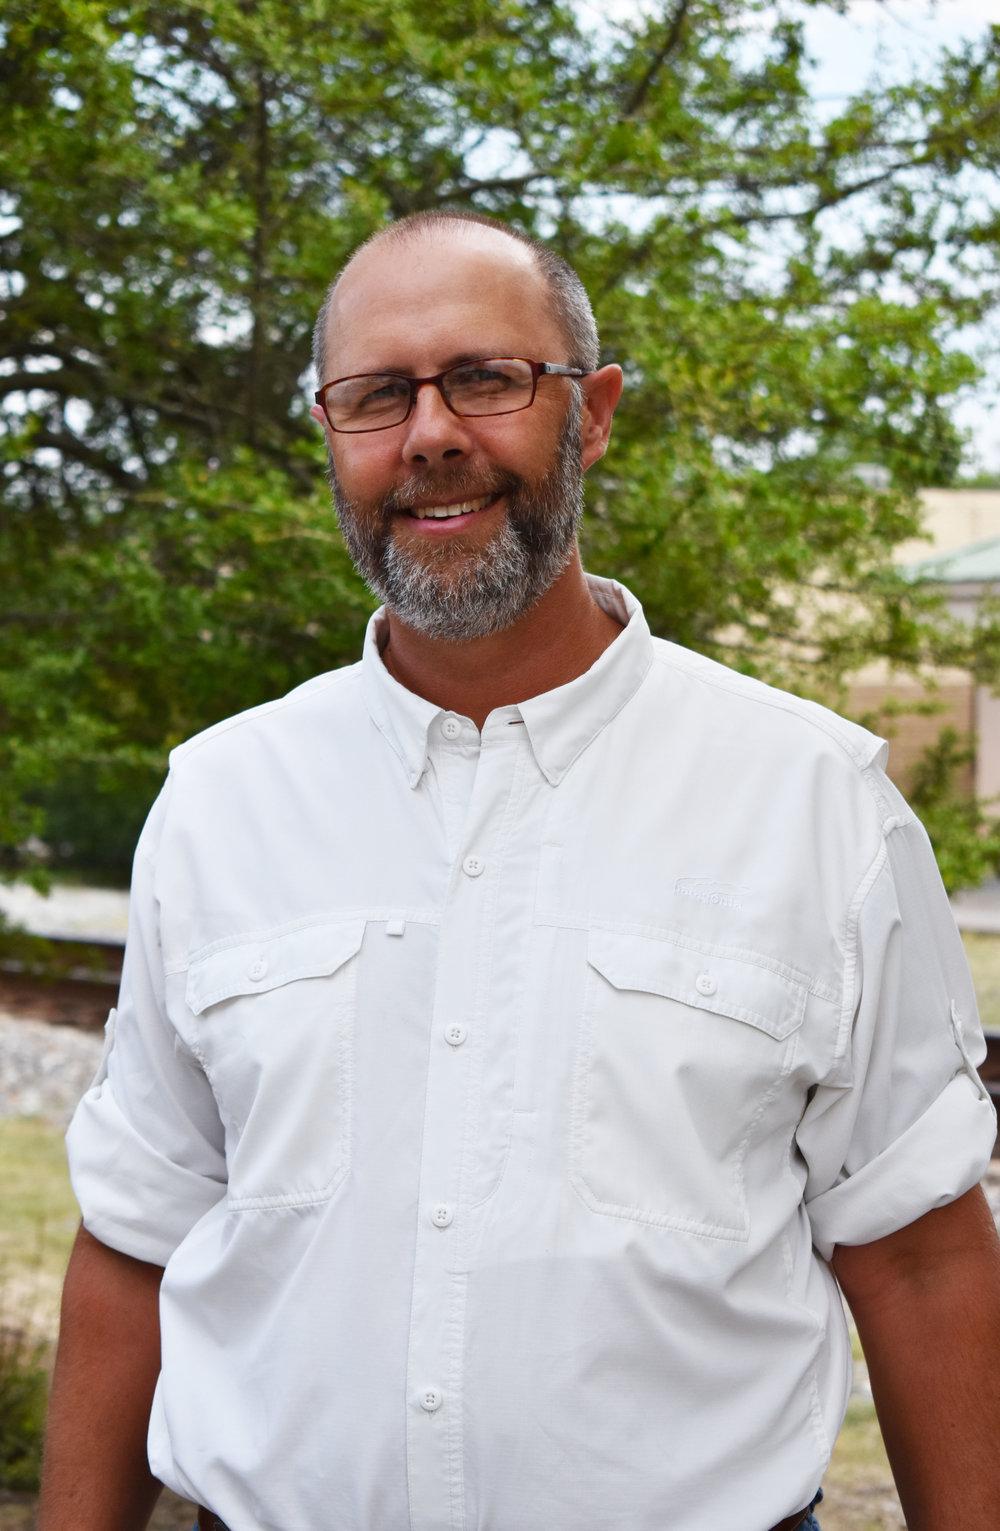 Scott Meek - Board Member